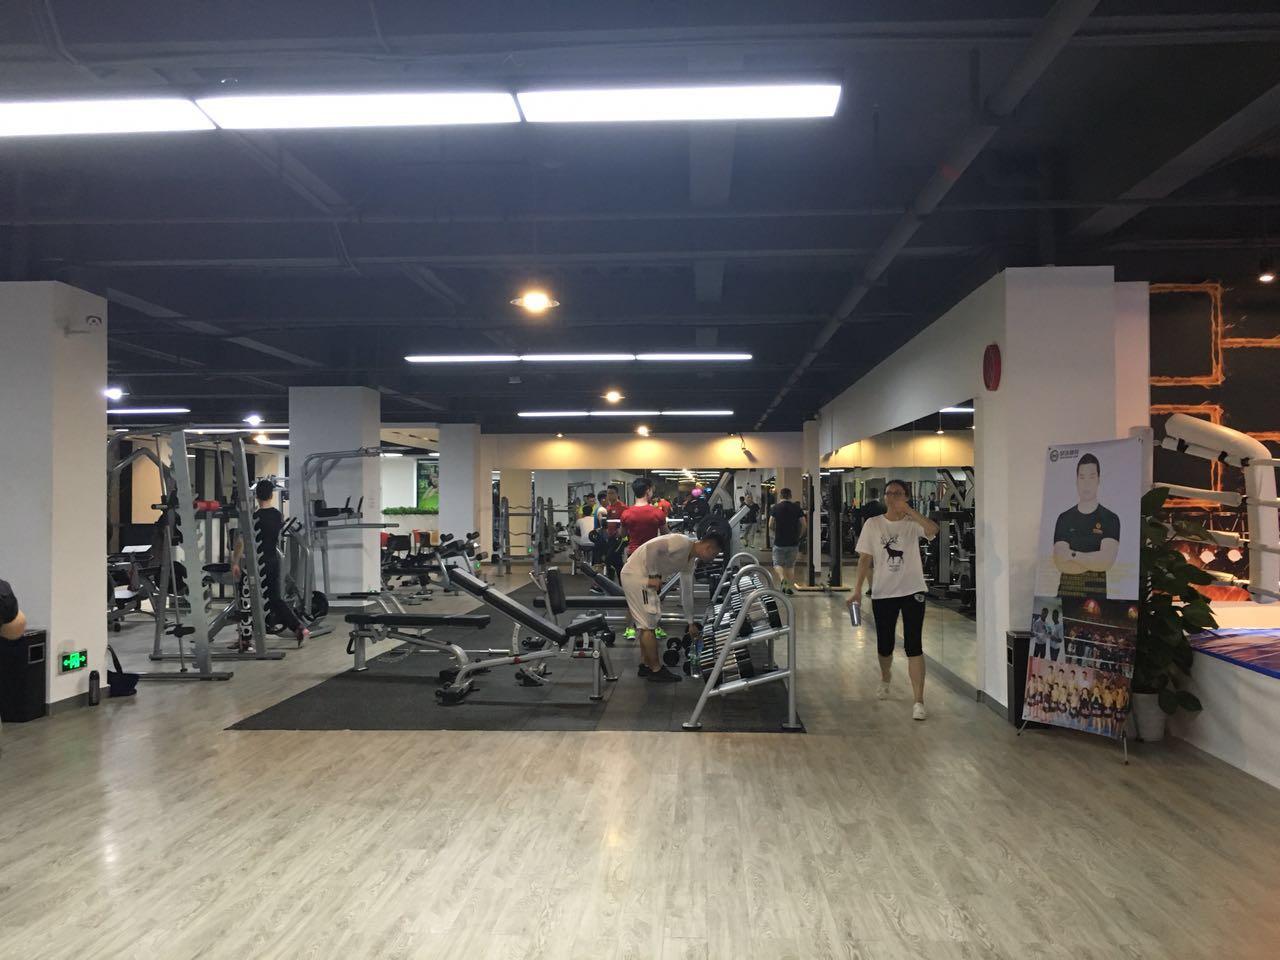 请问宝安西乡健身房里私人教练的价格大概多少